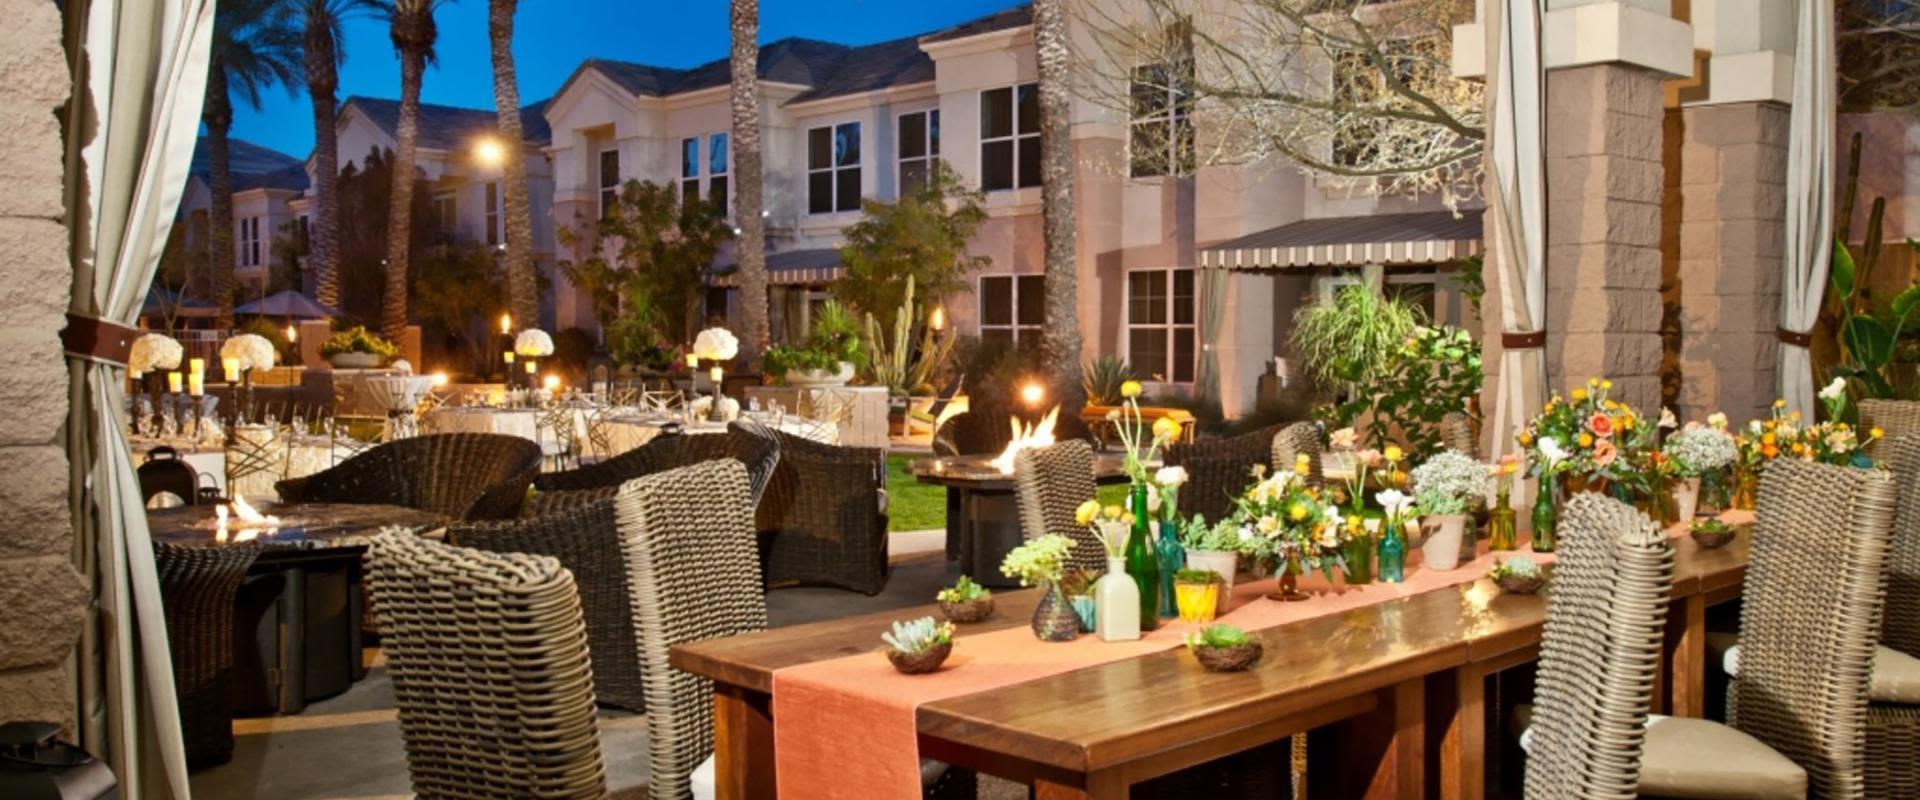 Terrace Patio Garden Table